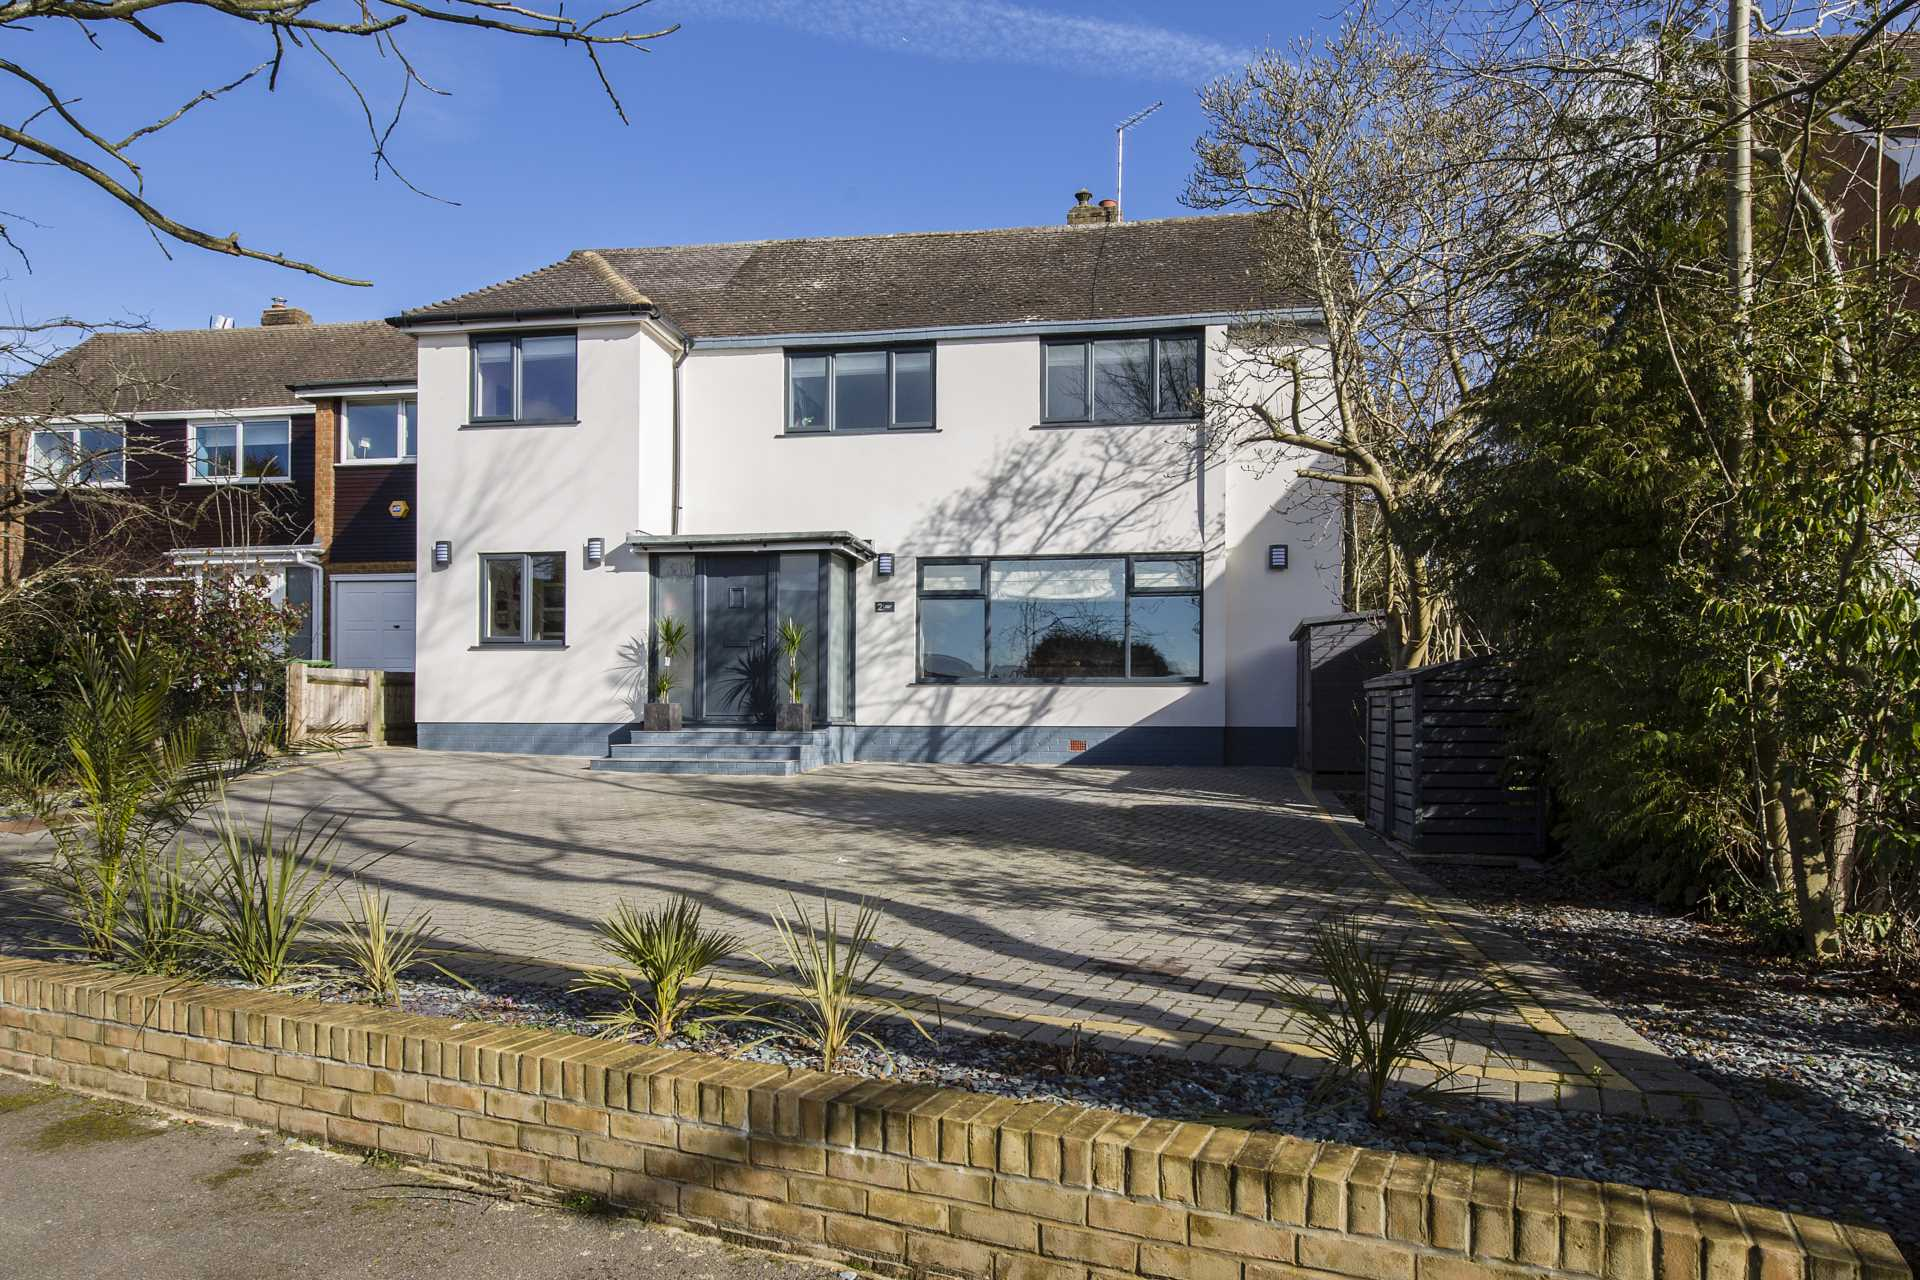 Hardinge Avenue, Tunbridge Wells, Image 1